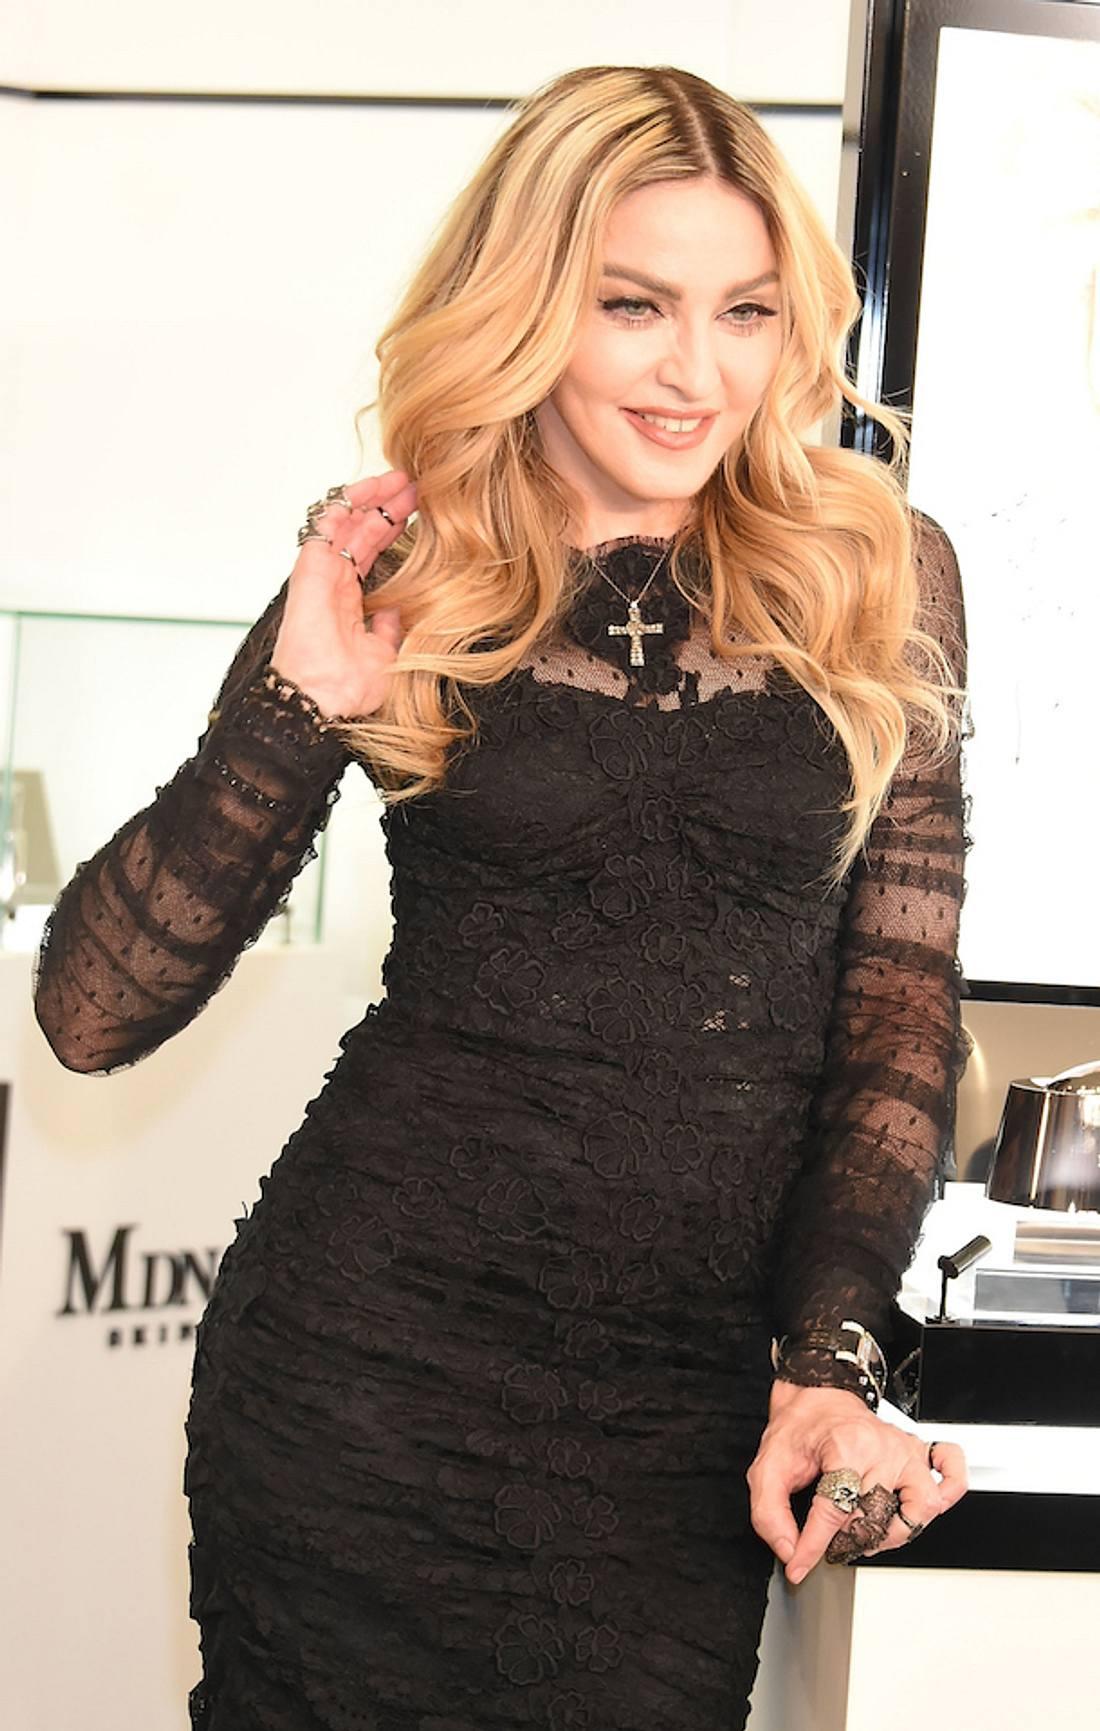 Auf der Bühne: Madonna entblößt 17-Jähriges Mädchen